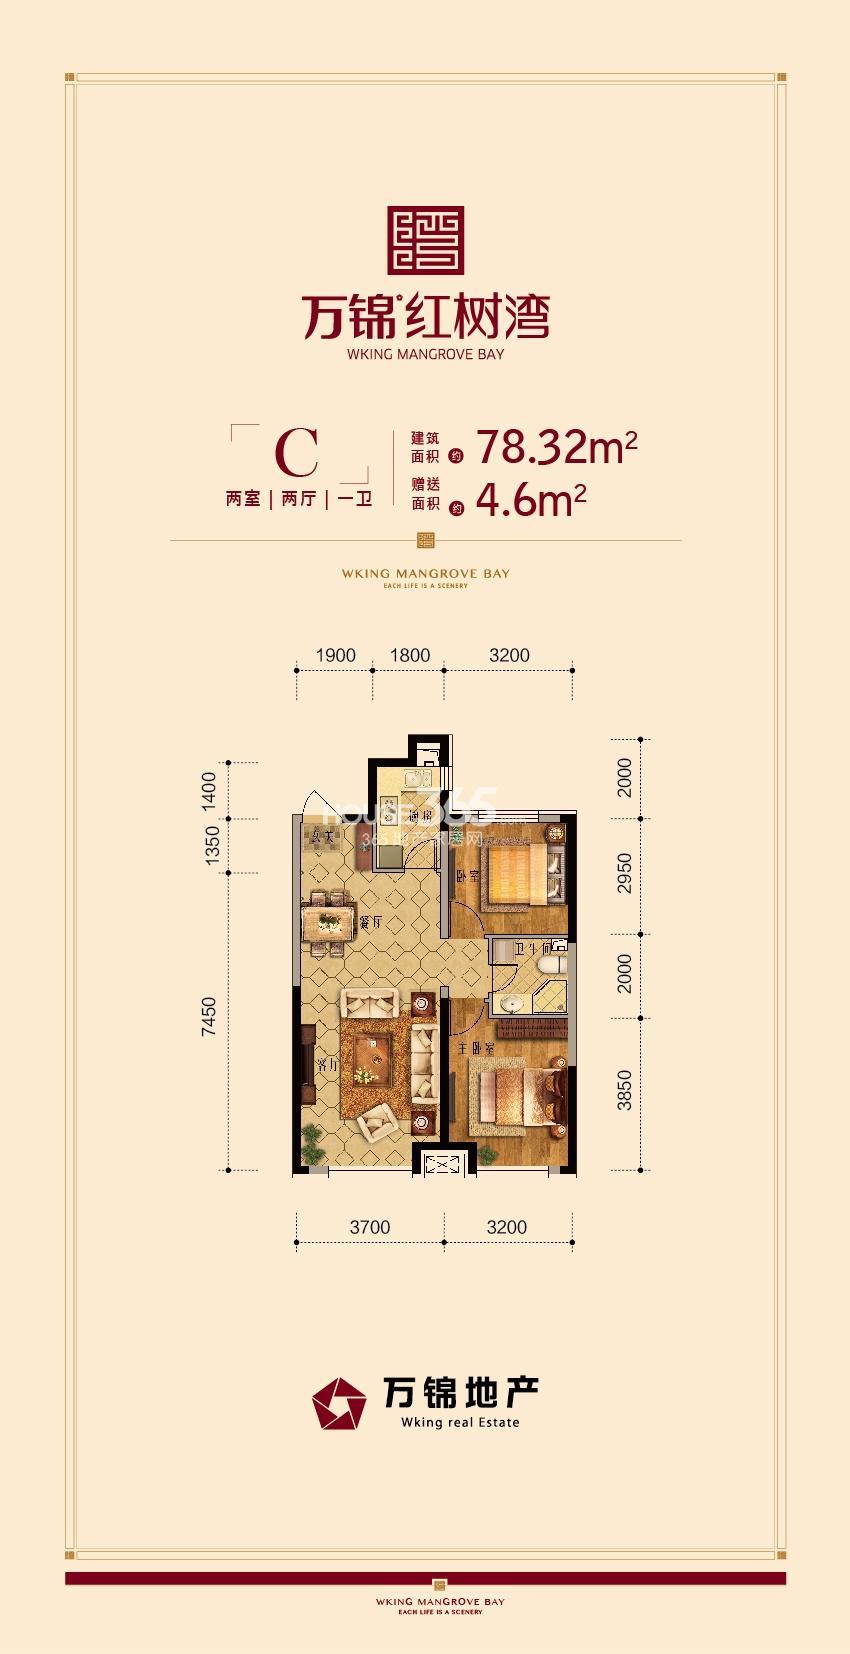 万锦红树湾两室两厅一卫78.32平米